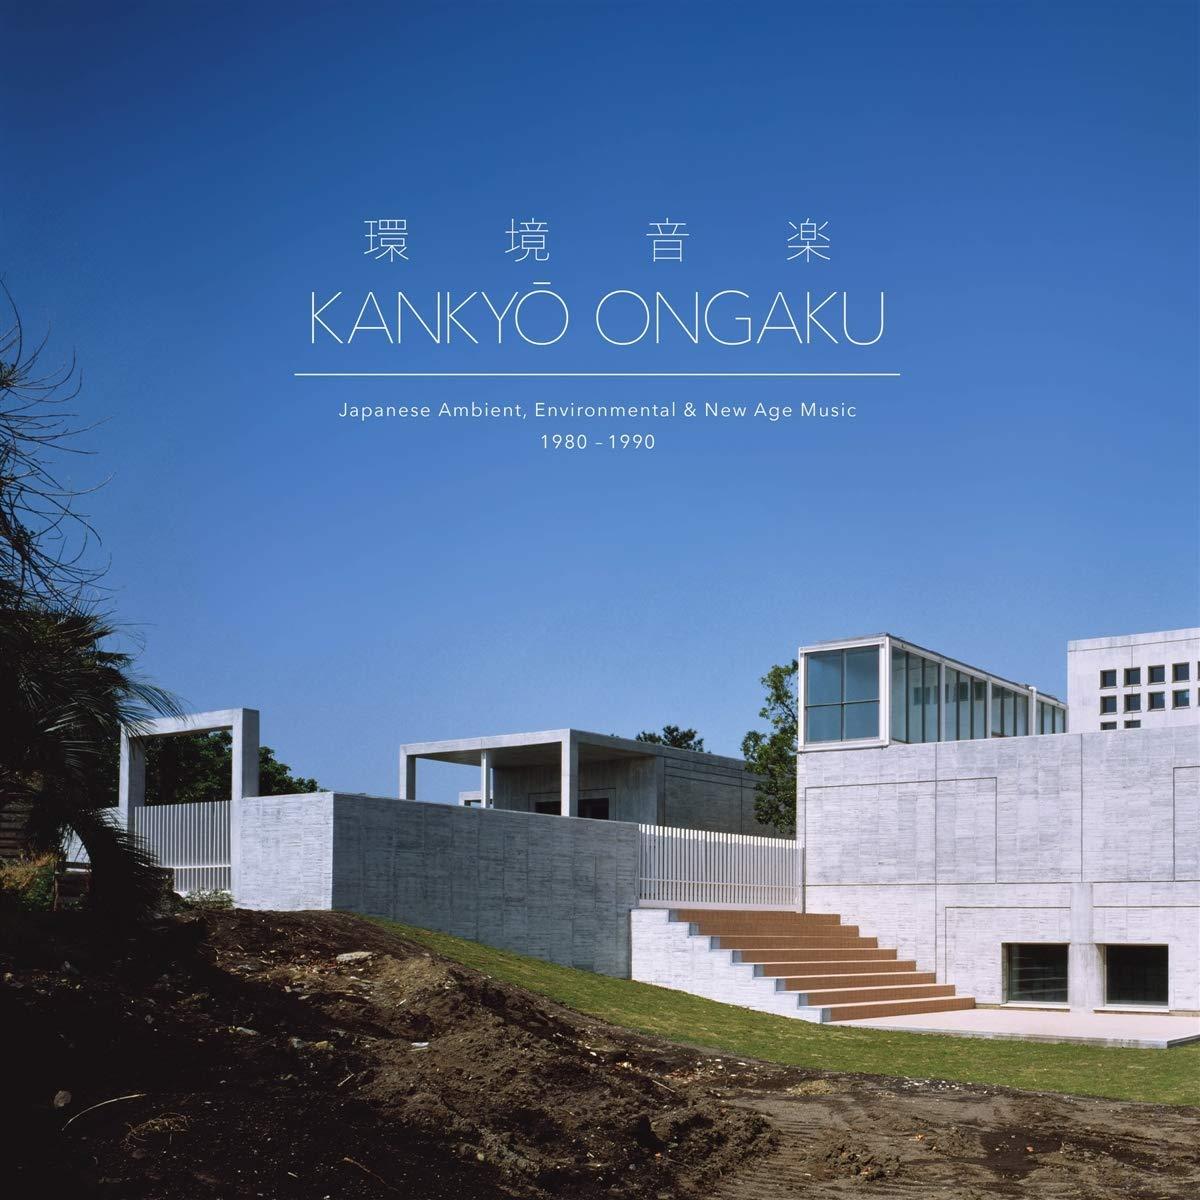 Kankyo Ongaku